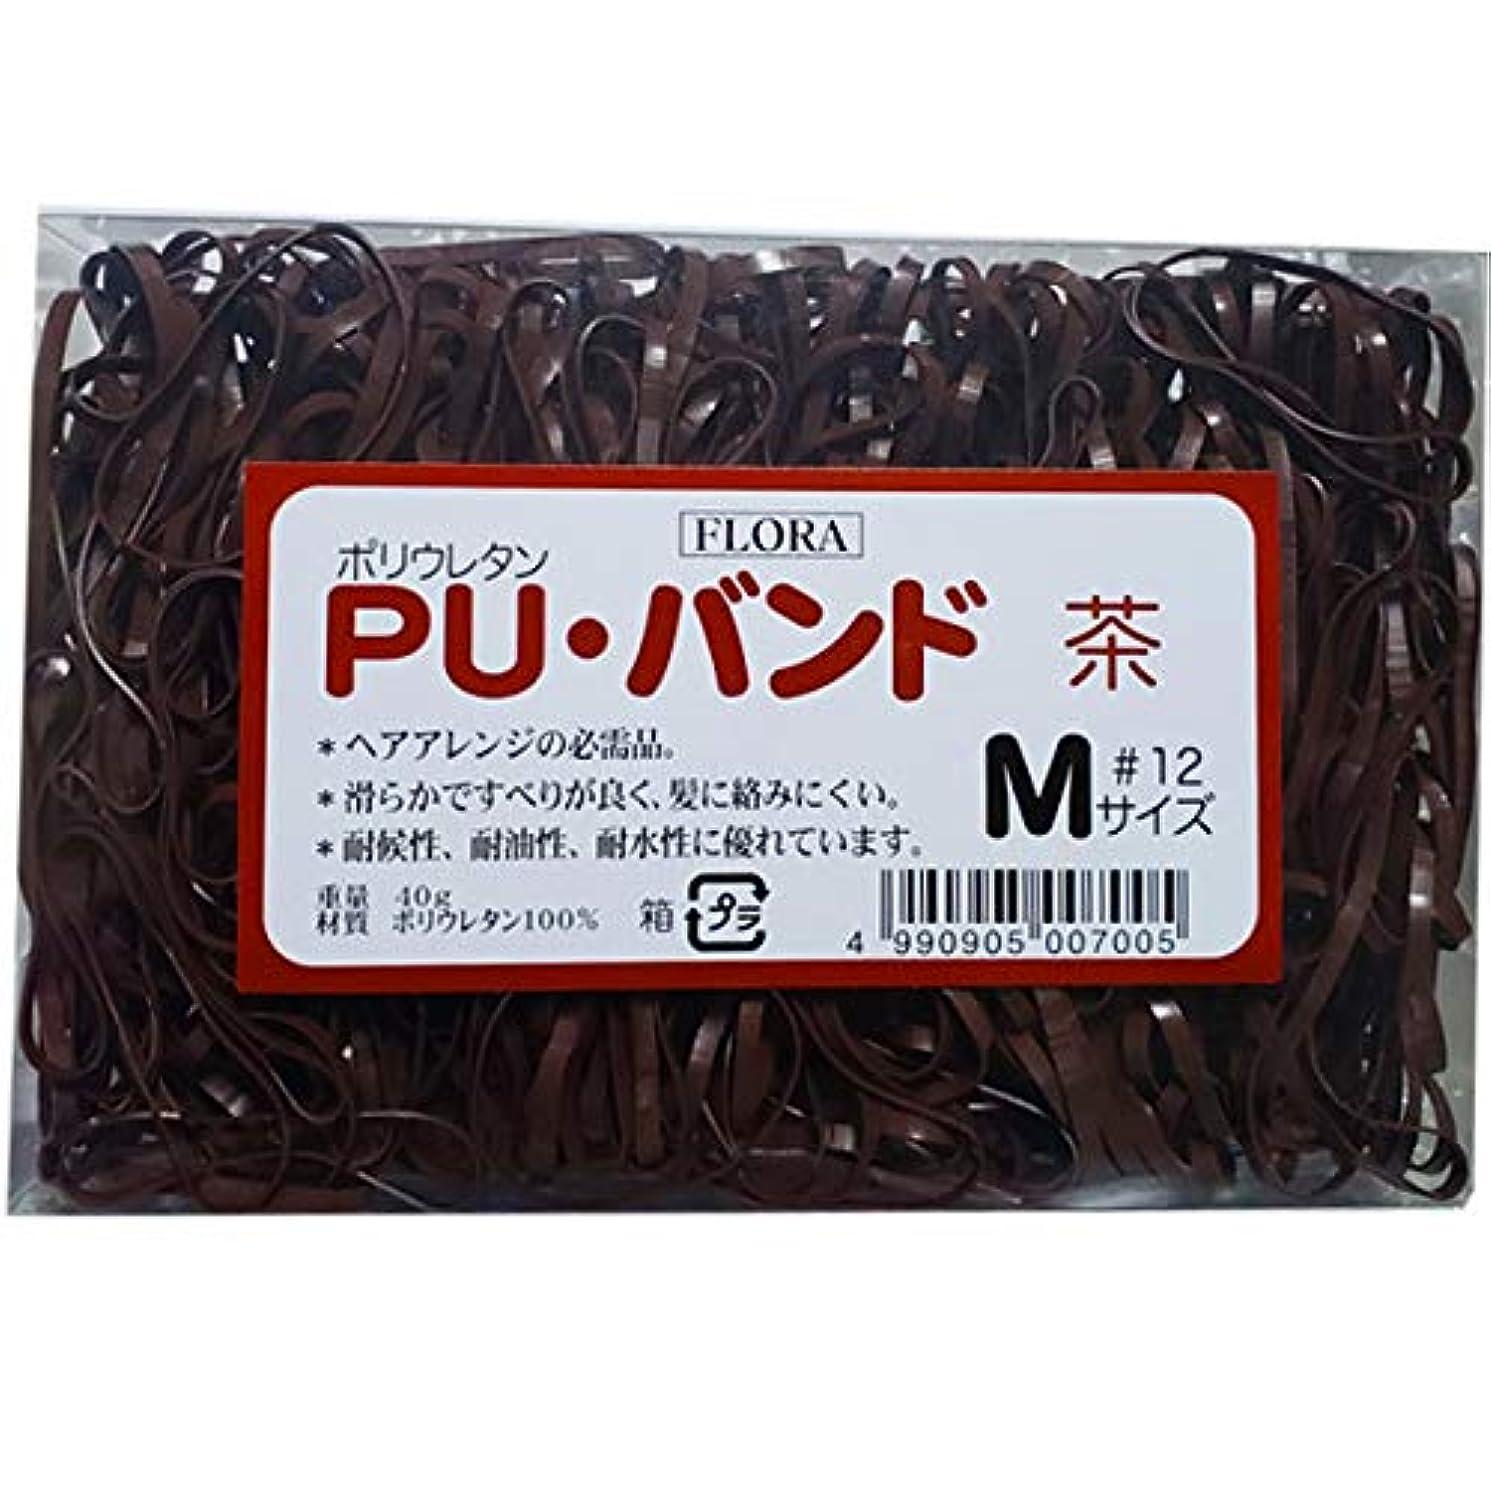 役員補正ブラシローレル フローラ PU バンド 内容量40g #12 (茶)